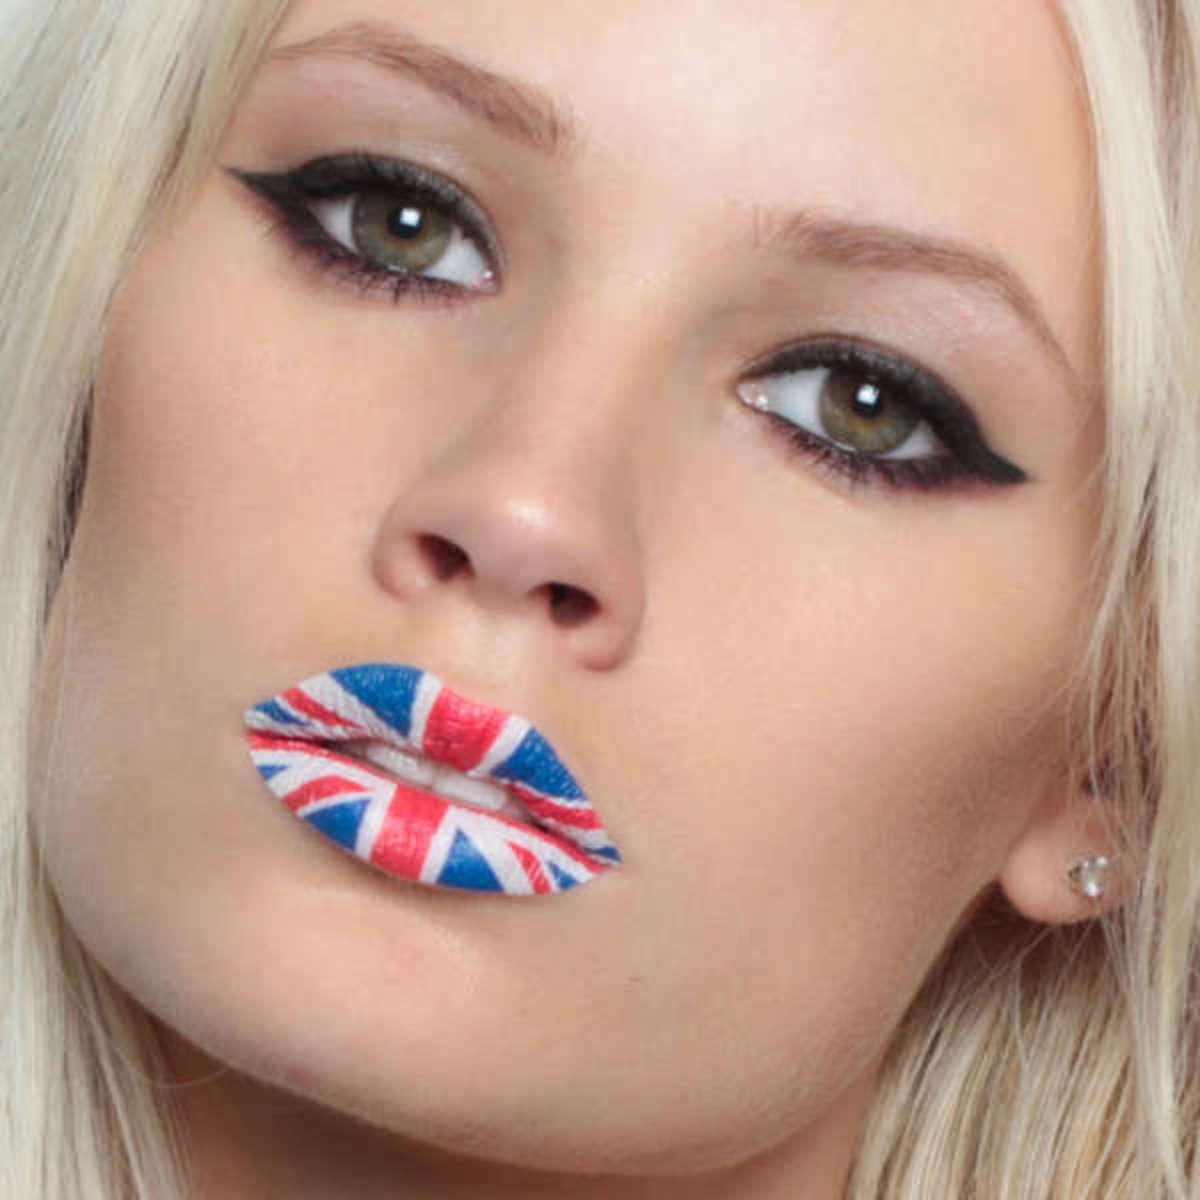 Violent-Lips-Union-Jack